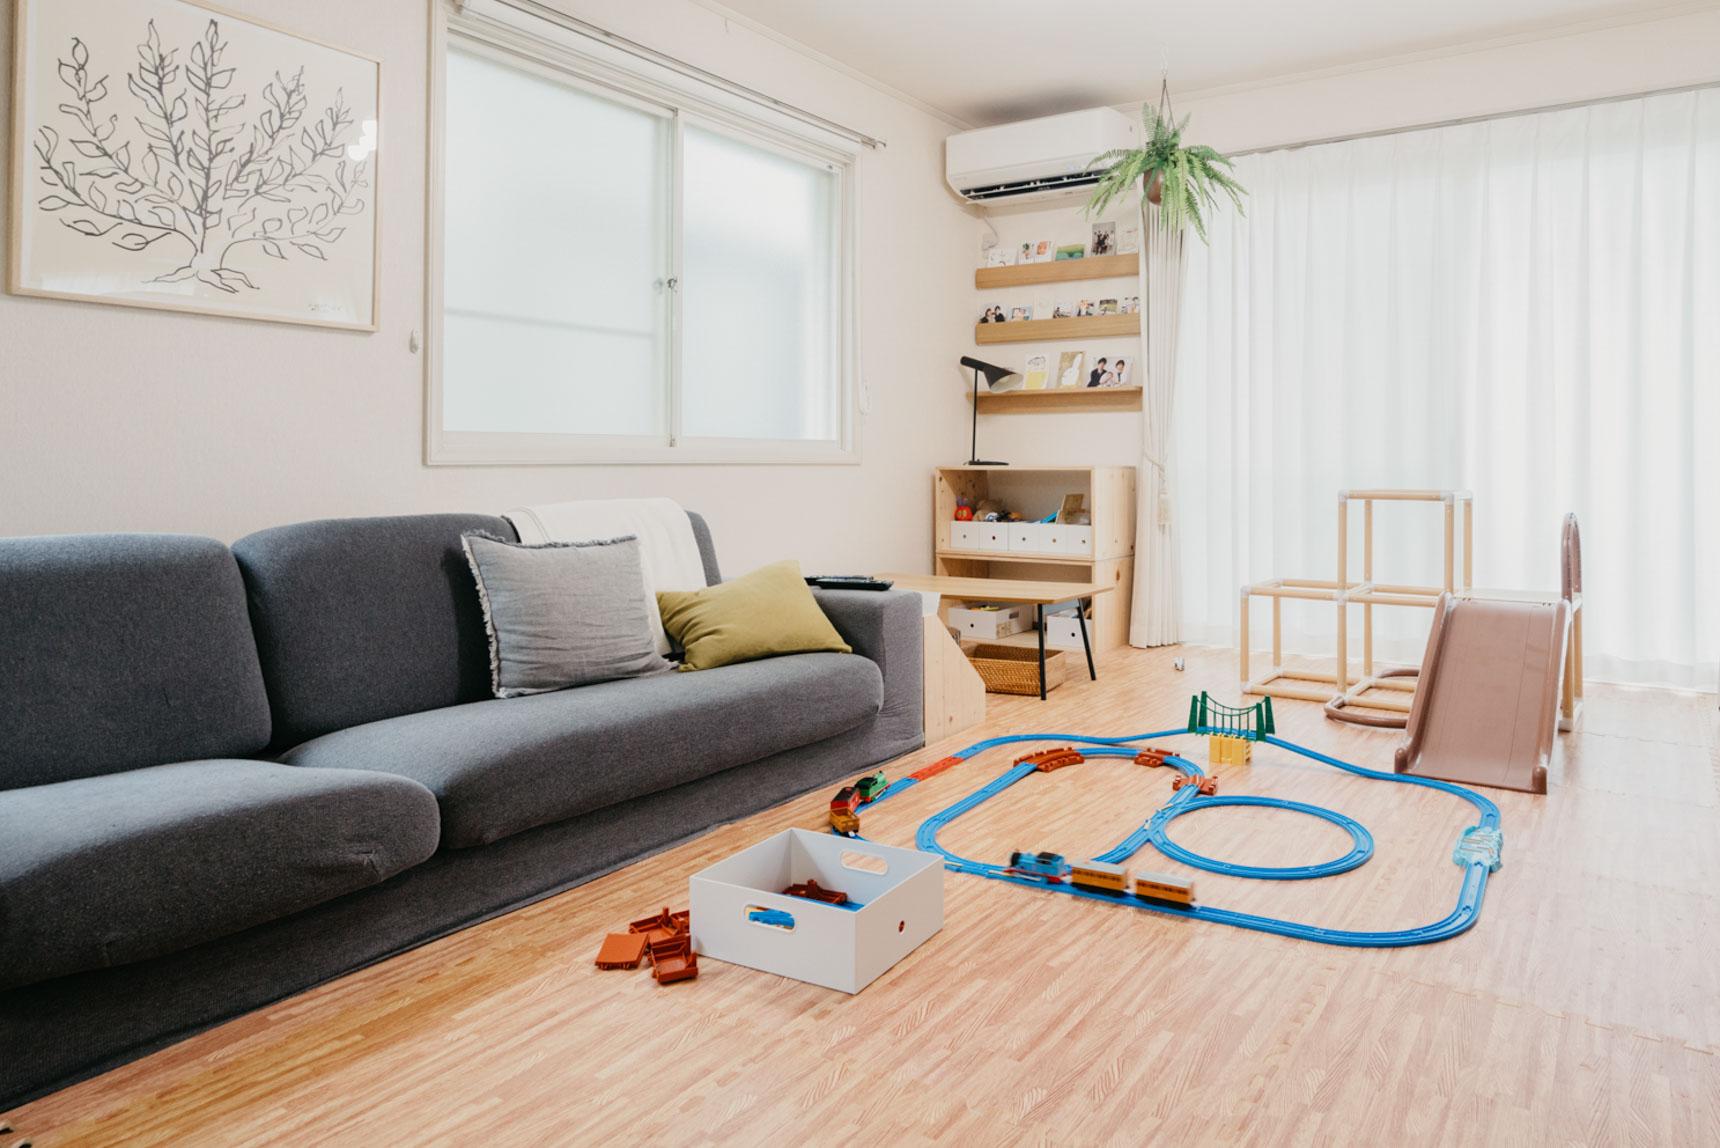 子どもがいても、シンプルでスッキリ見える部屋。生活動線を意識した工夫いっぱいの賃貸インテリア